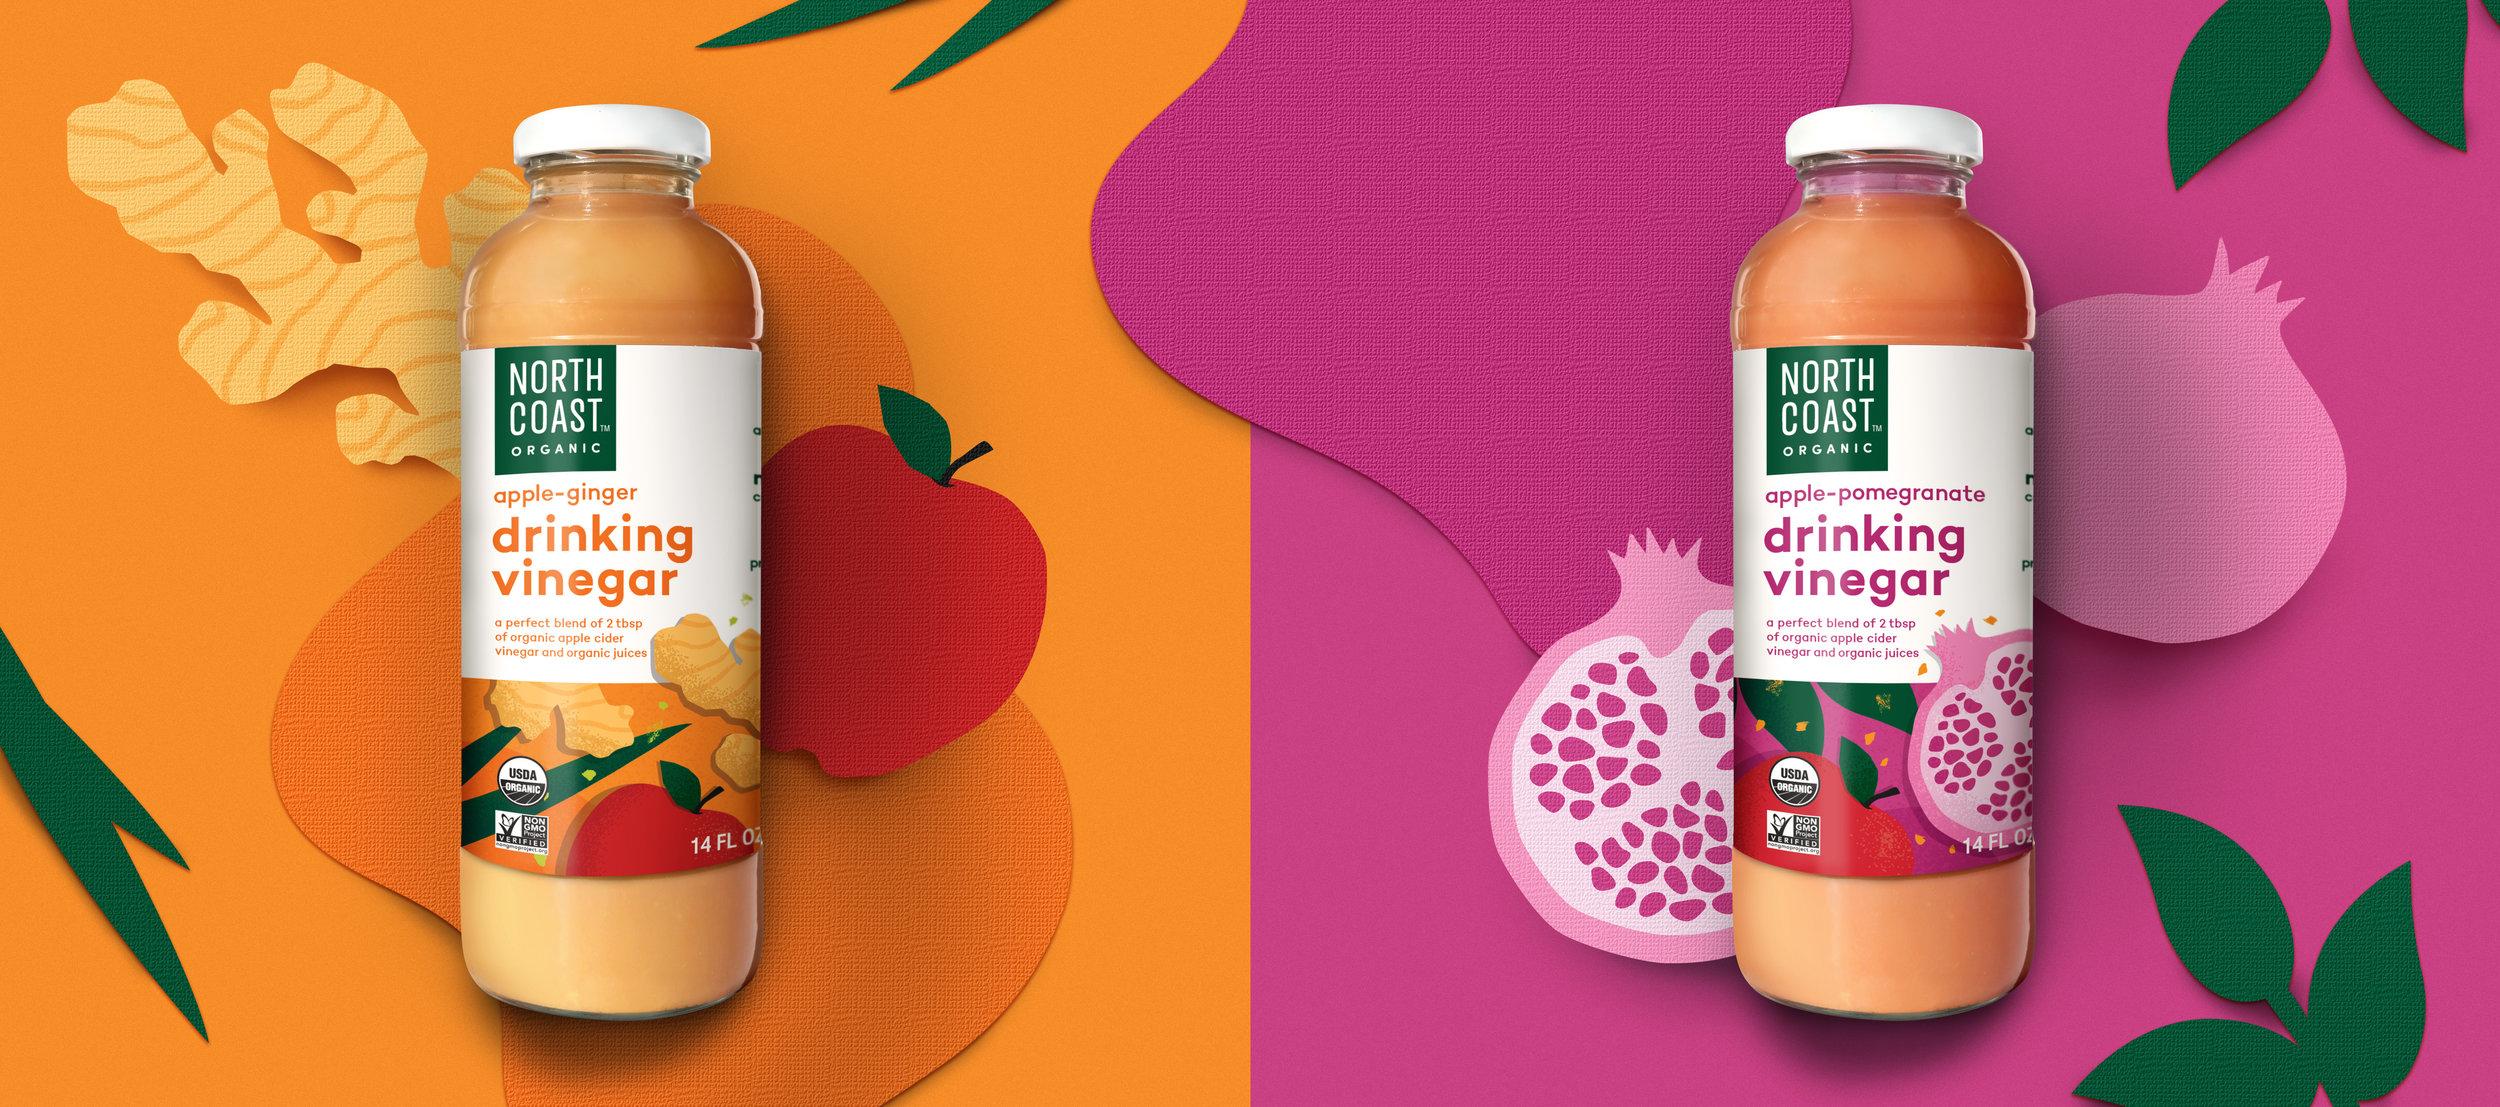 Northcoast organic packaging drinking vinegar